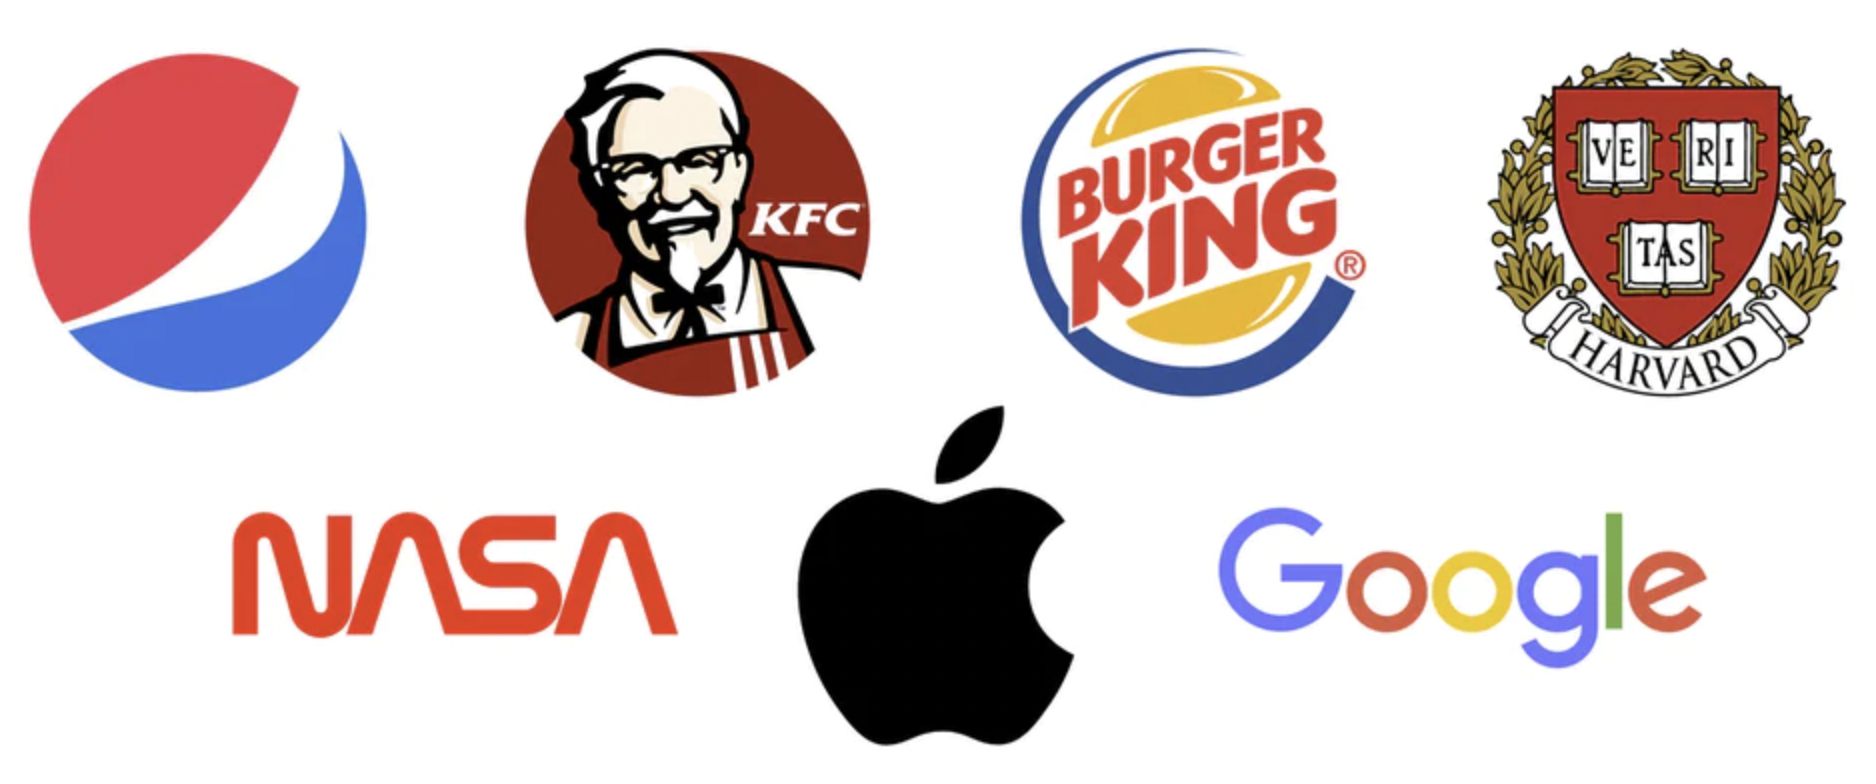 7 kända logotyper: Pepsi, KFC, Burger King, Harvard, Nasa, Apple och Google.